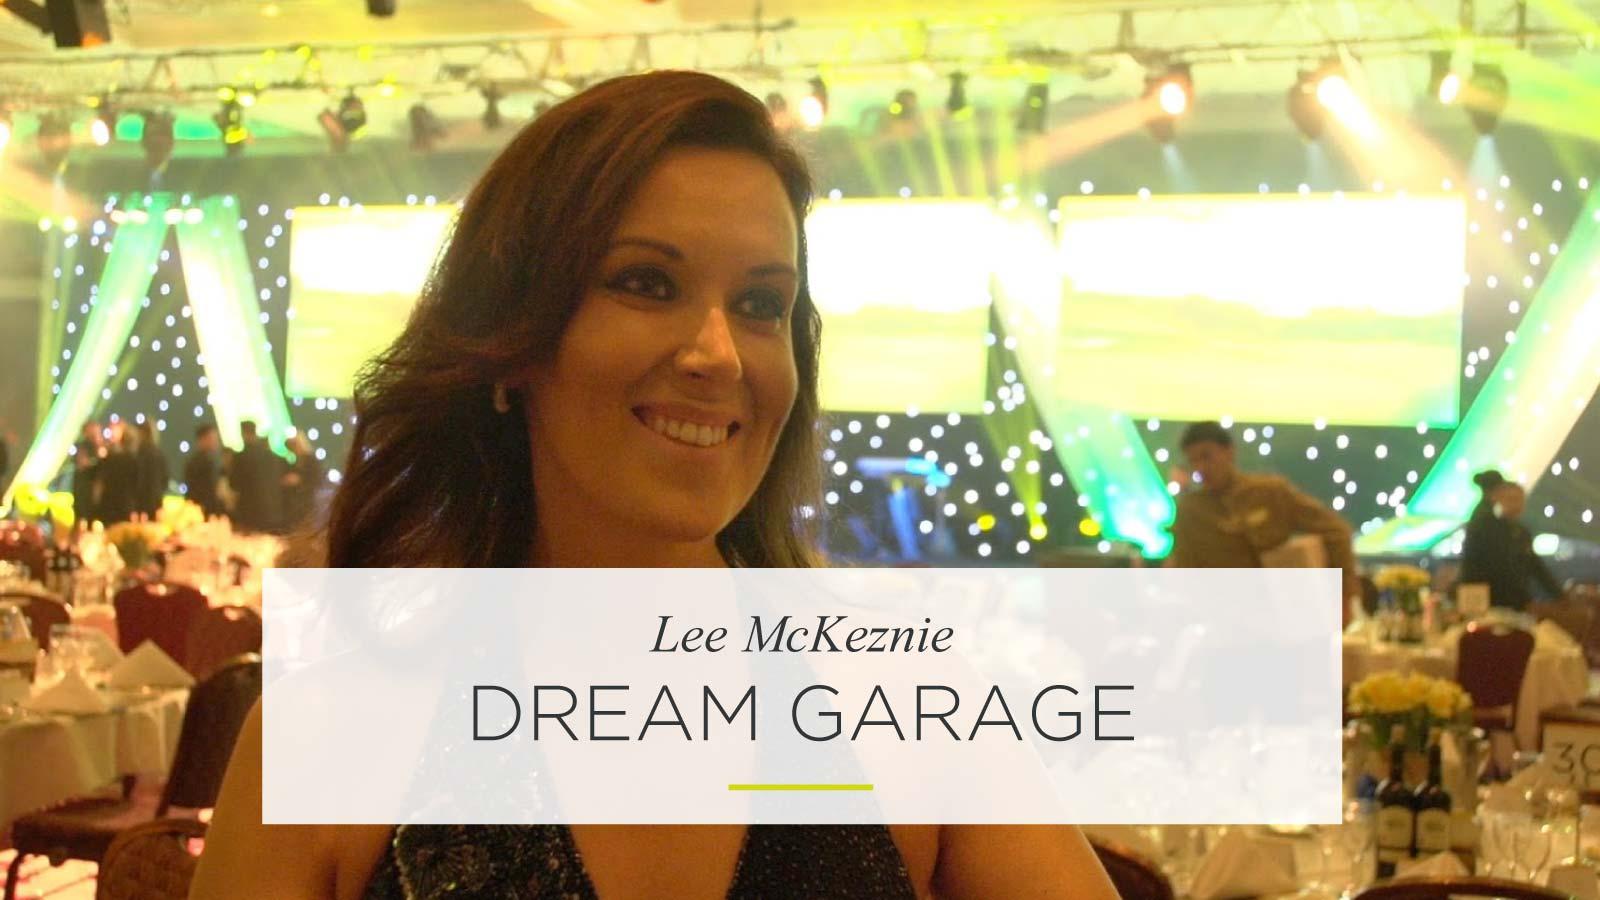 Lee McKenzie Dream Garage